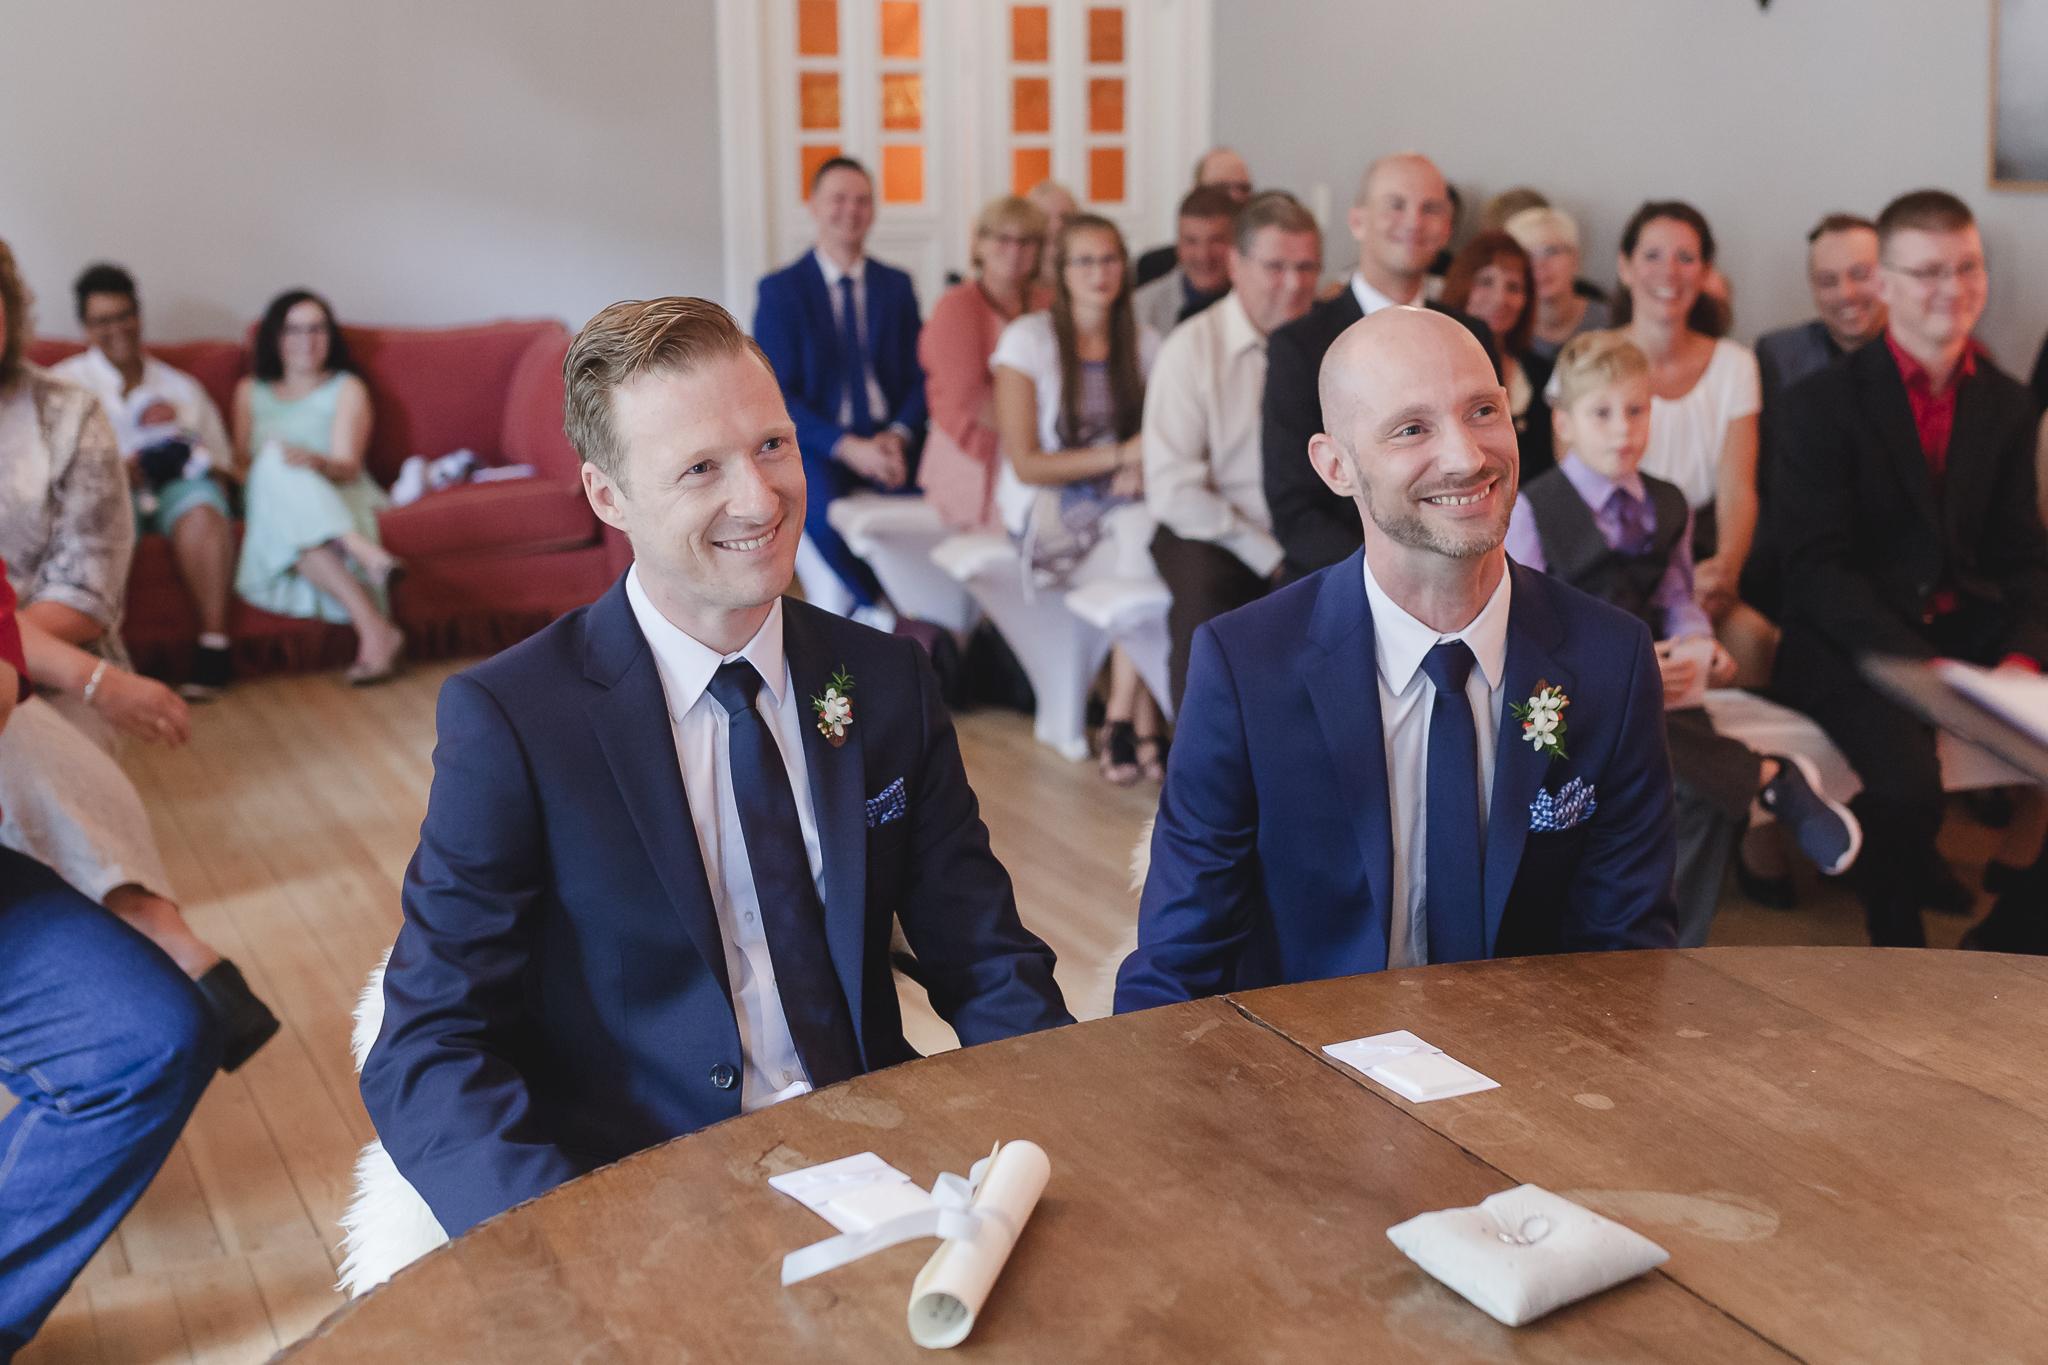 Hochzeitsfotograf Hamburg - gleichgeschlechtliche Hochzeit